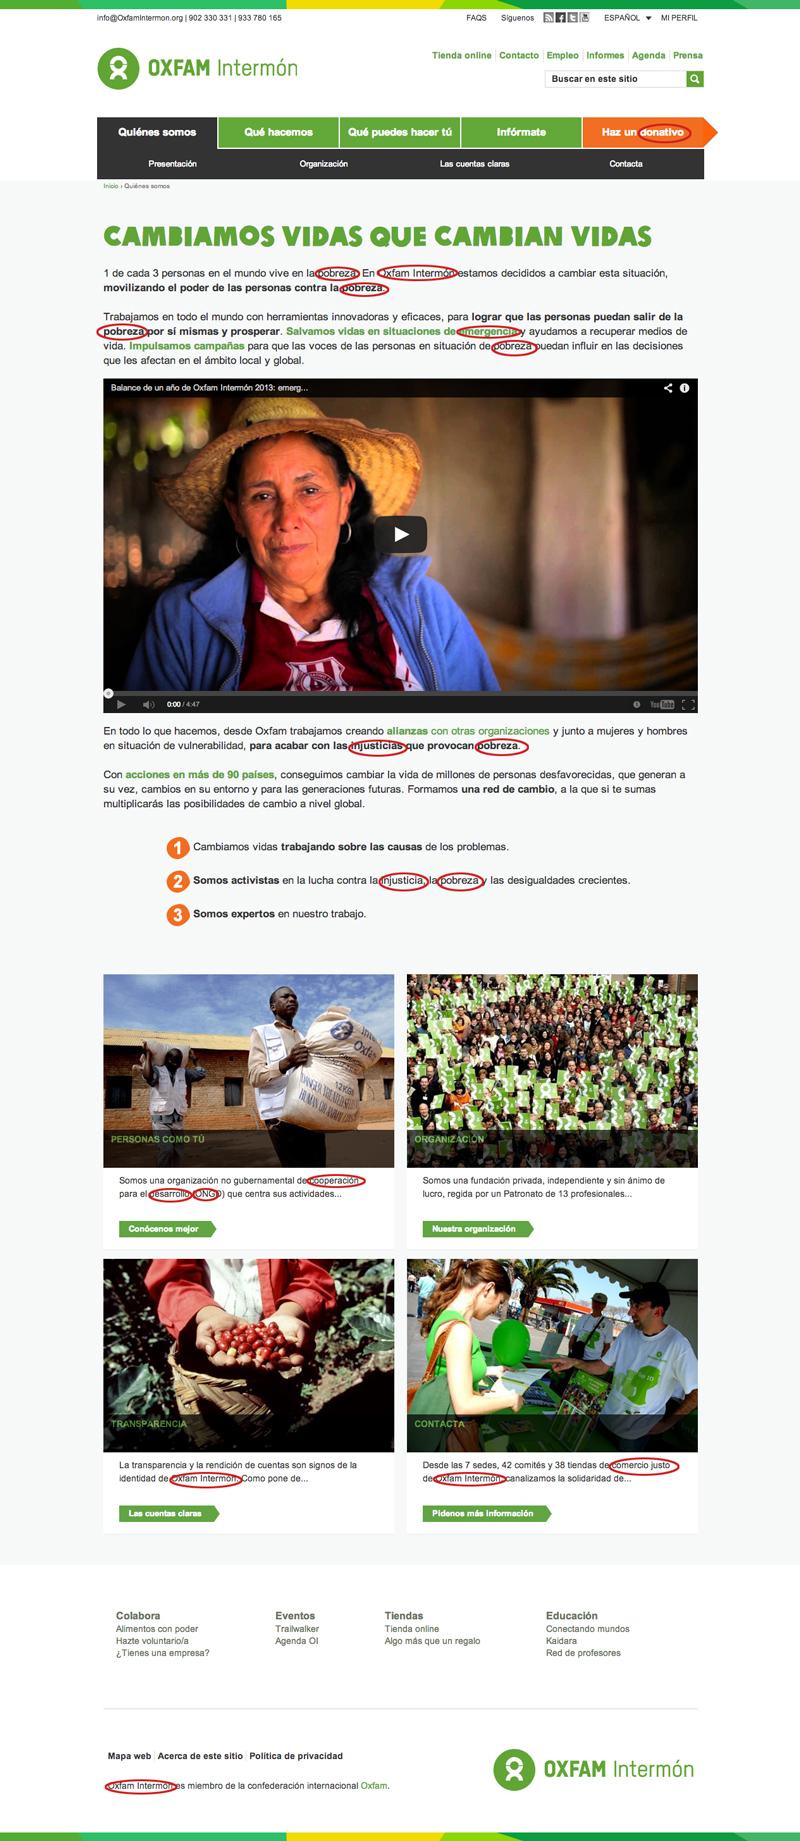 Esta es la página 'Quiénes somos' de la web de Intermón Oxfam (www.oxfamintermon.org) donde hemos señalado con un círculo rojo las keywords que hemos visto en el código han sido elegidas para esta página.